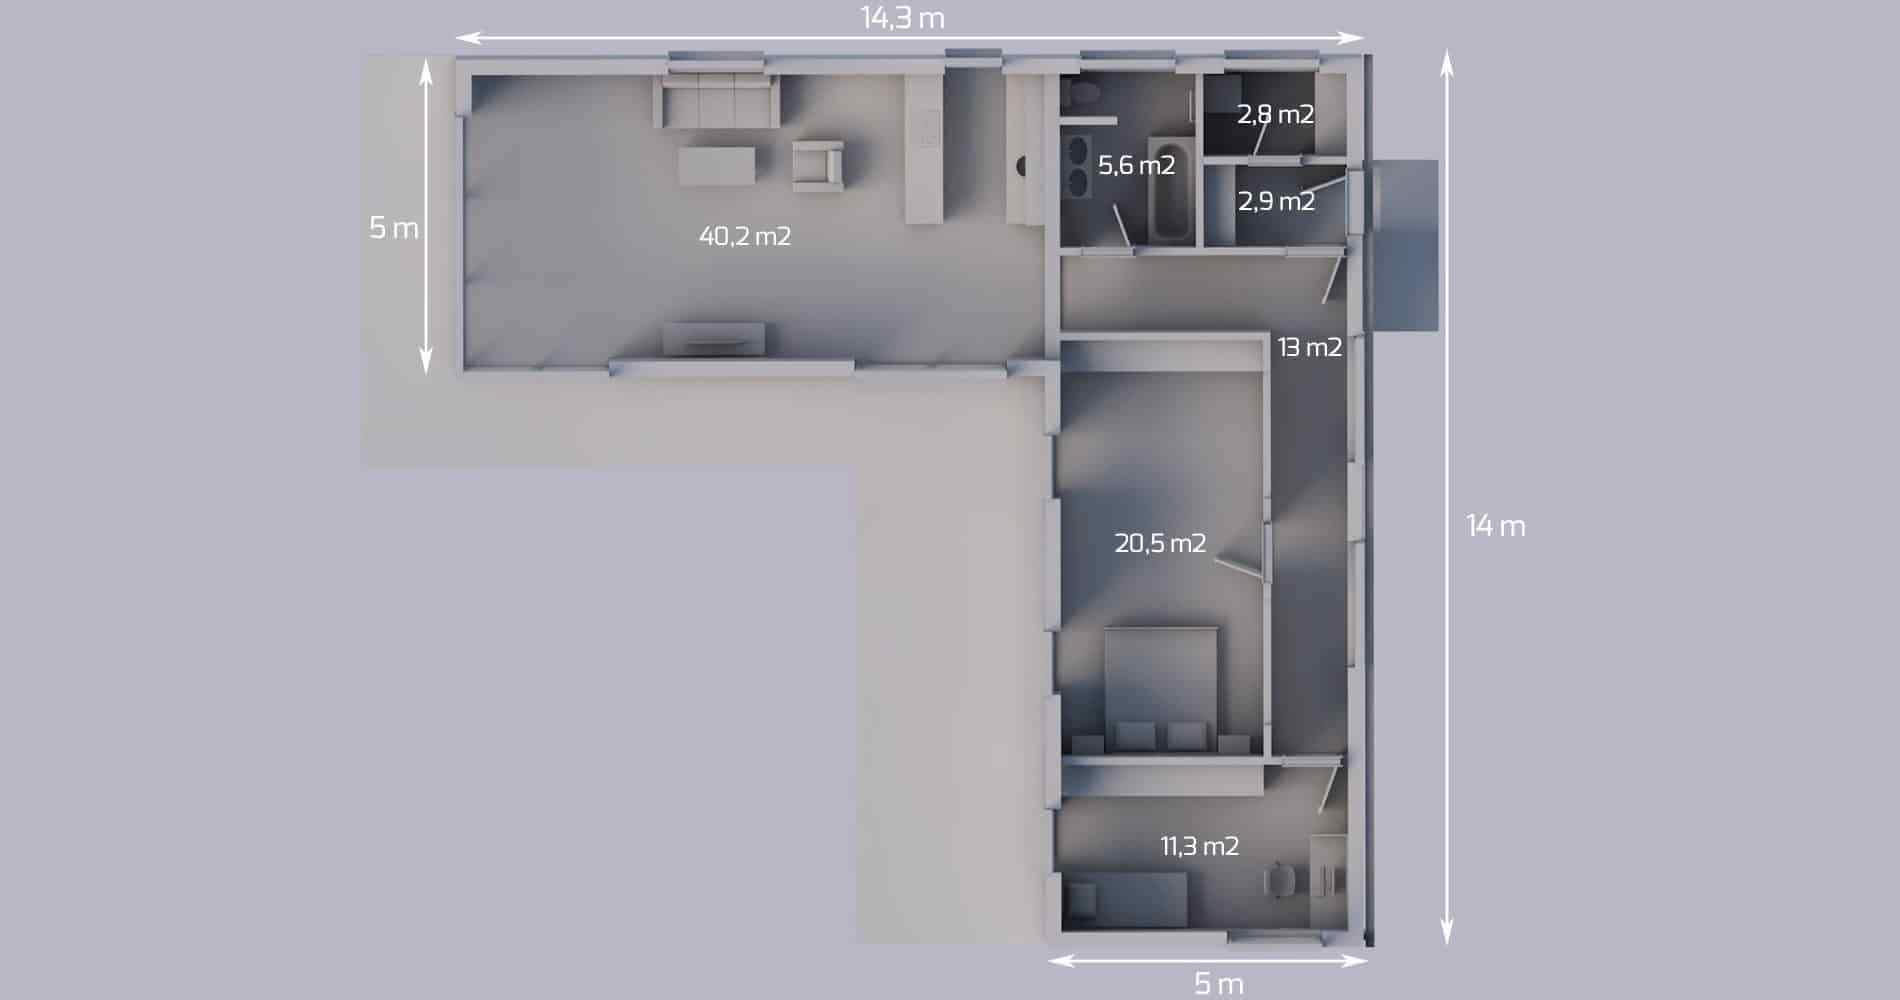 Rodinný dům L116 3+kk 2